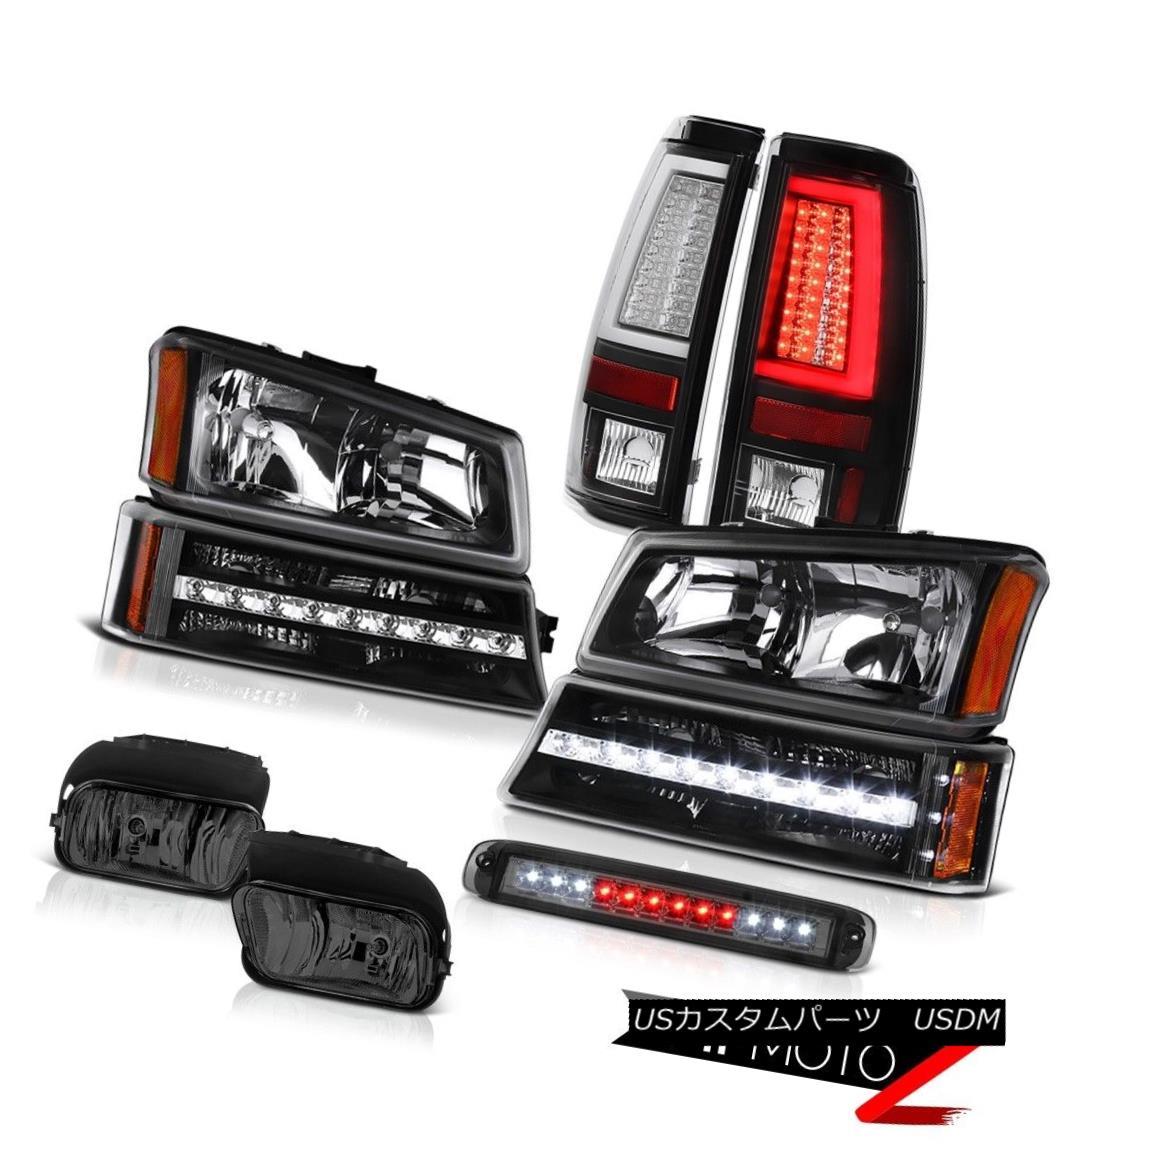 テールライト 03-06 Silverado 1500 Taillamps 3RD Brake Light Fog Lights Headlamps Bumper LED 03-06 Silverado 1500 Taillamps 3RDブレーキライトフォグライトヘッドランプバンパーLED